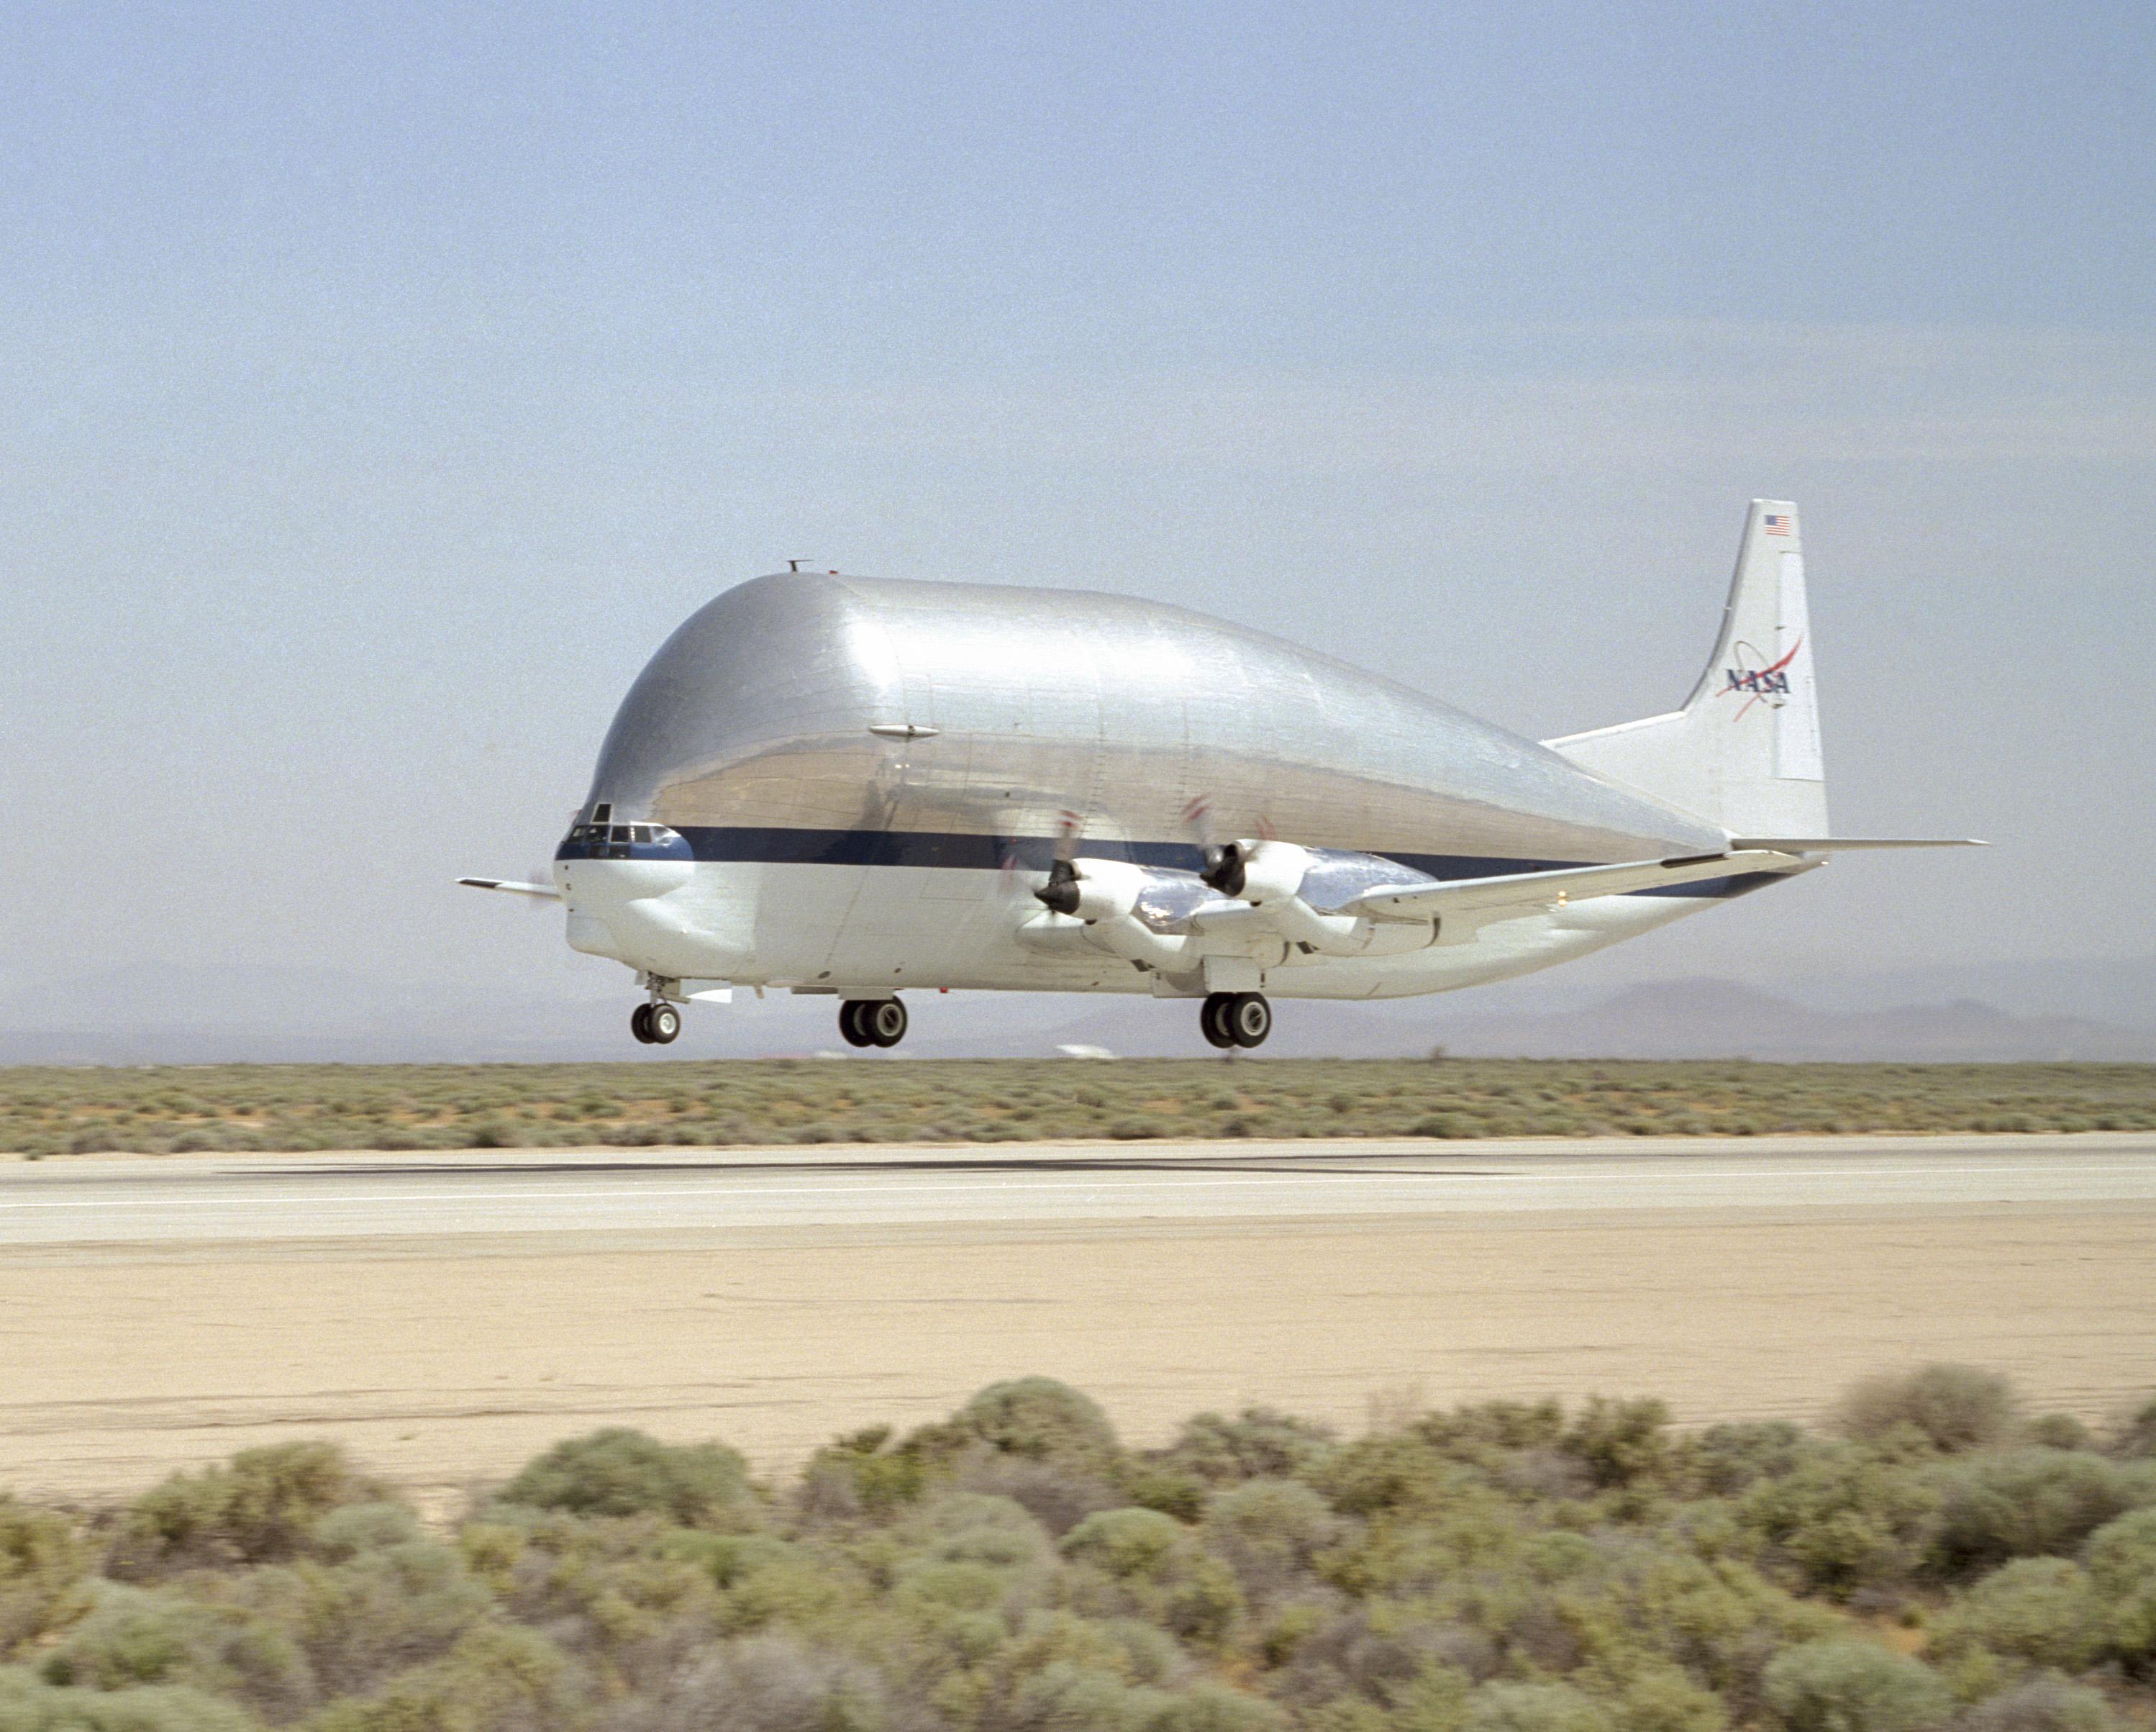 NASA - NASA's Super Guppy Aircraft to Deliver Module for ...